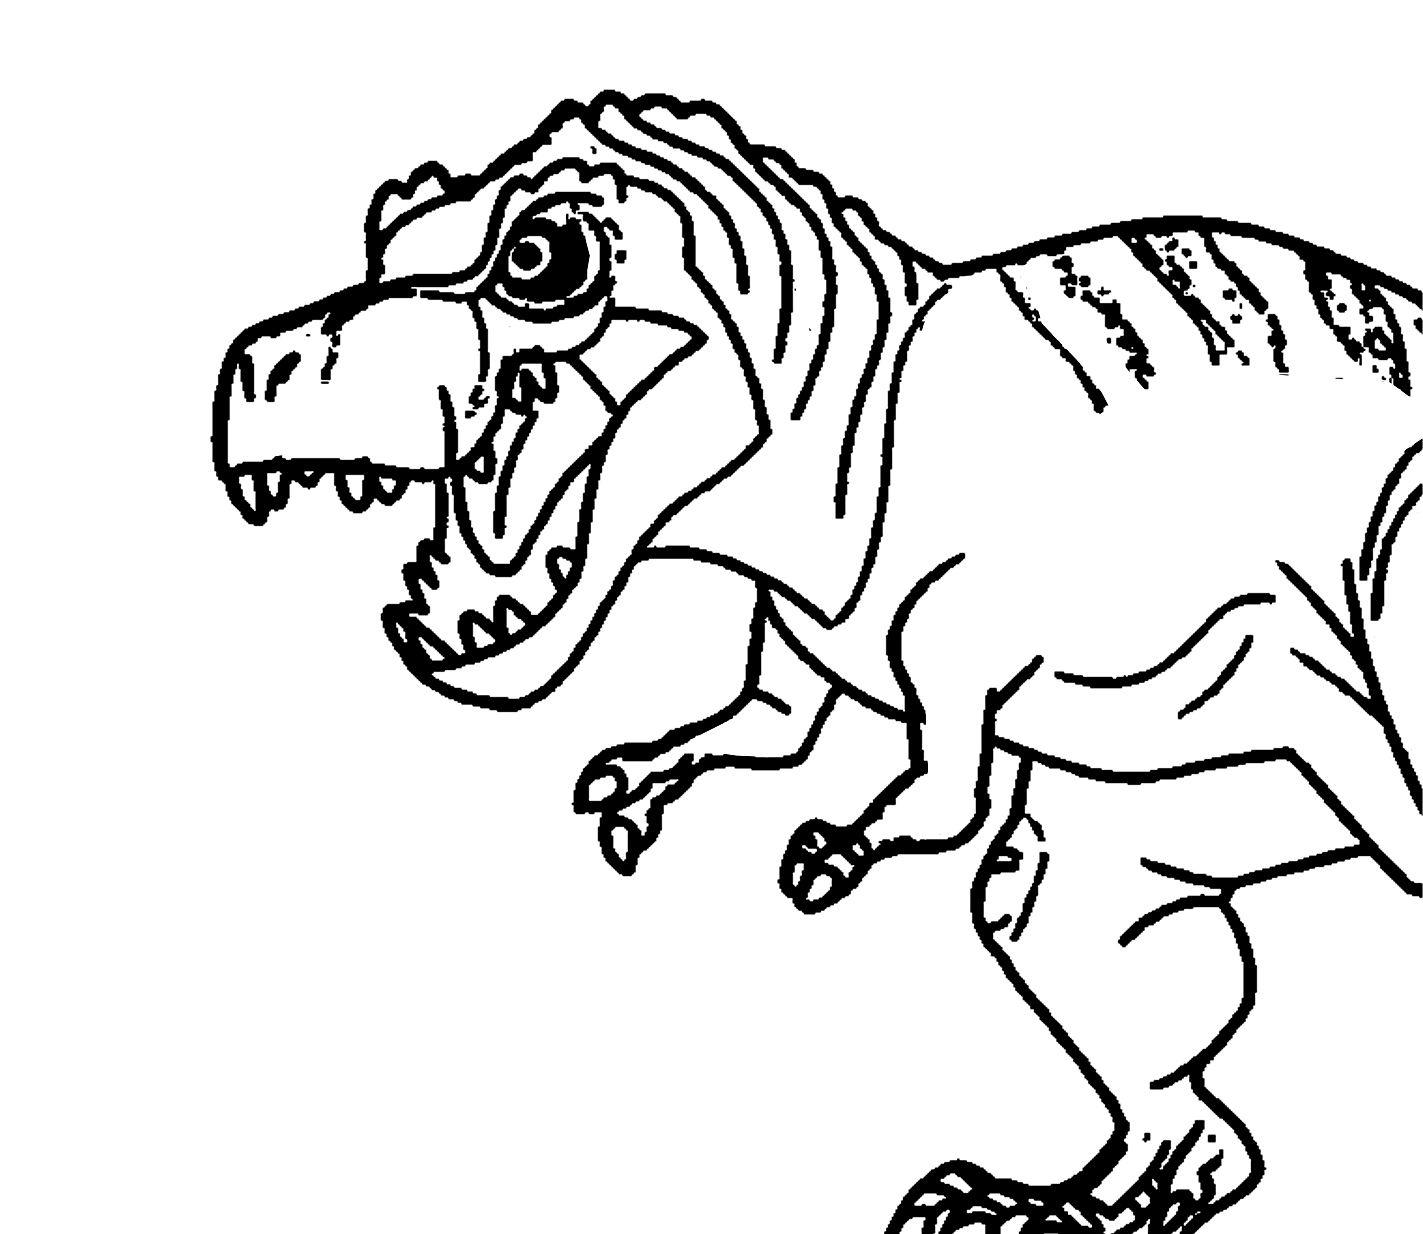 Ausmalbilder Dinosaurier Kostenlos Malvorlagen Windowcolor zum